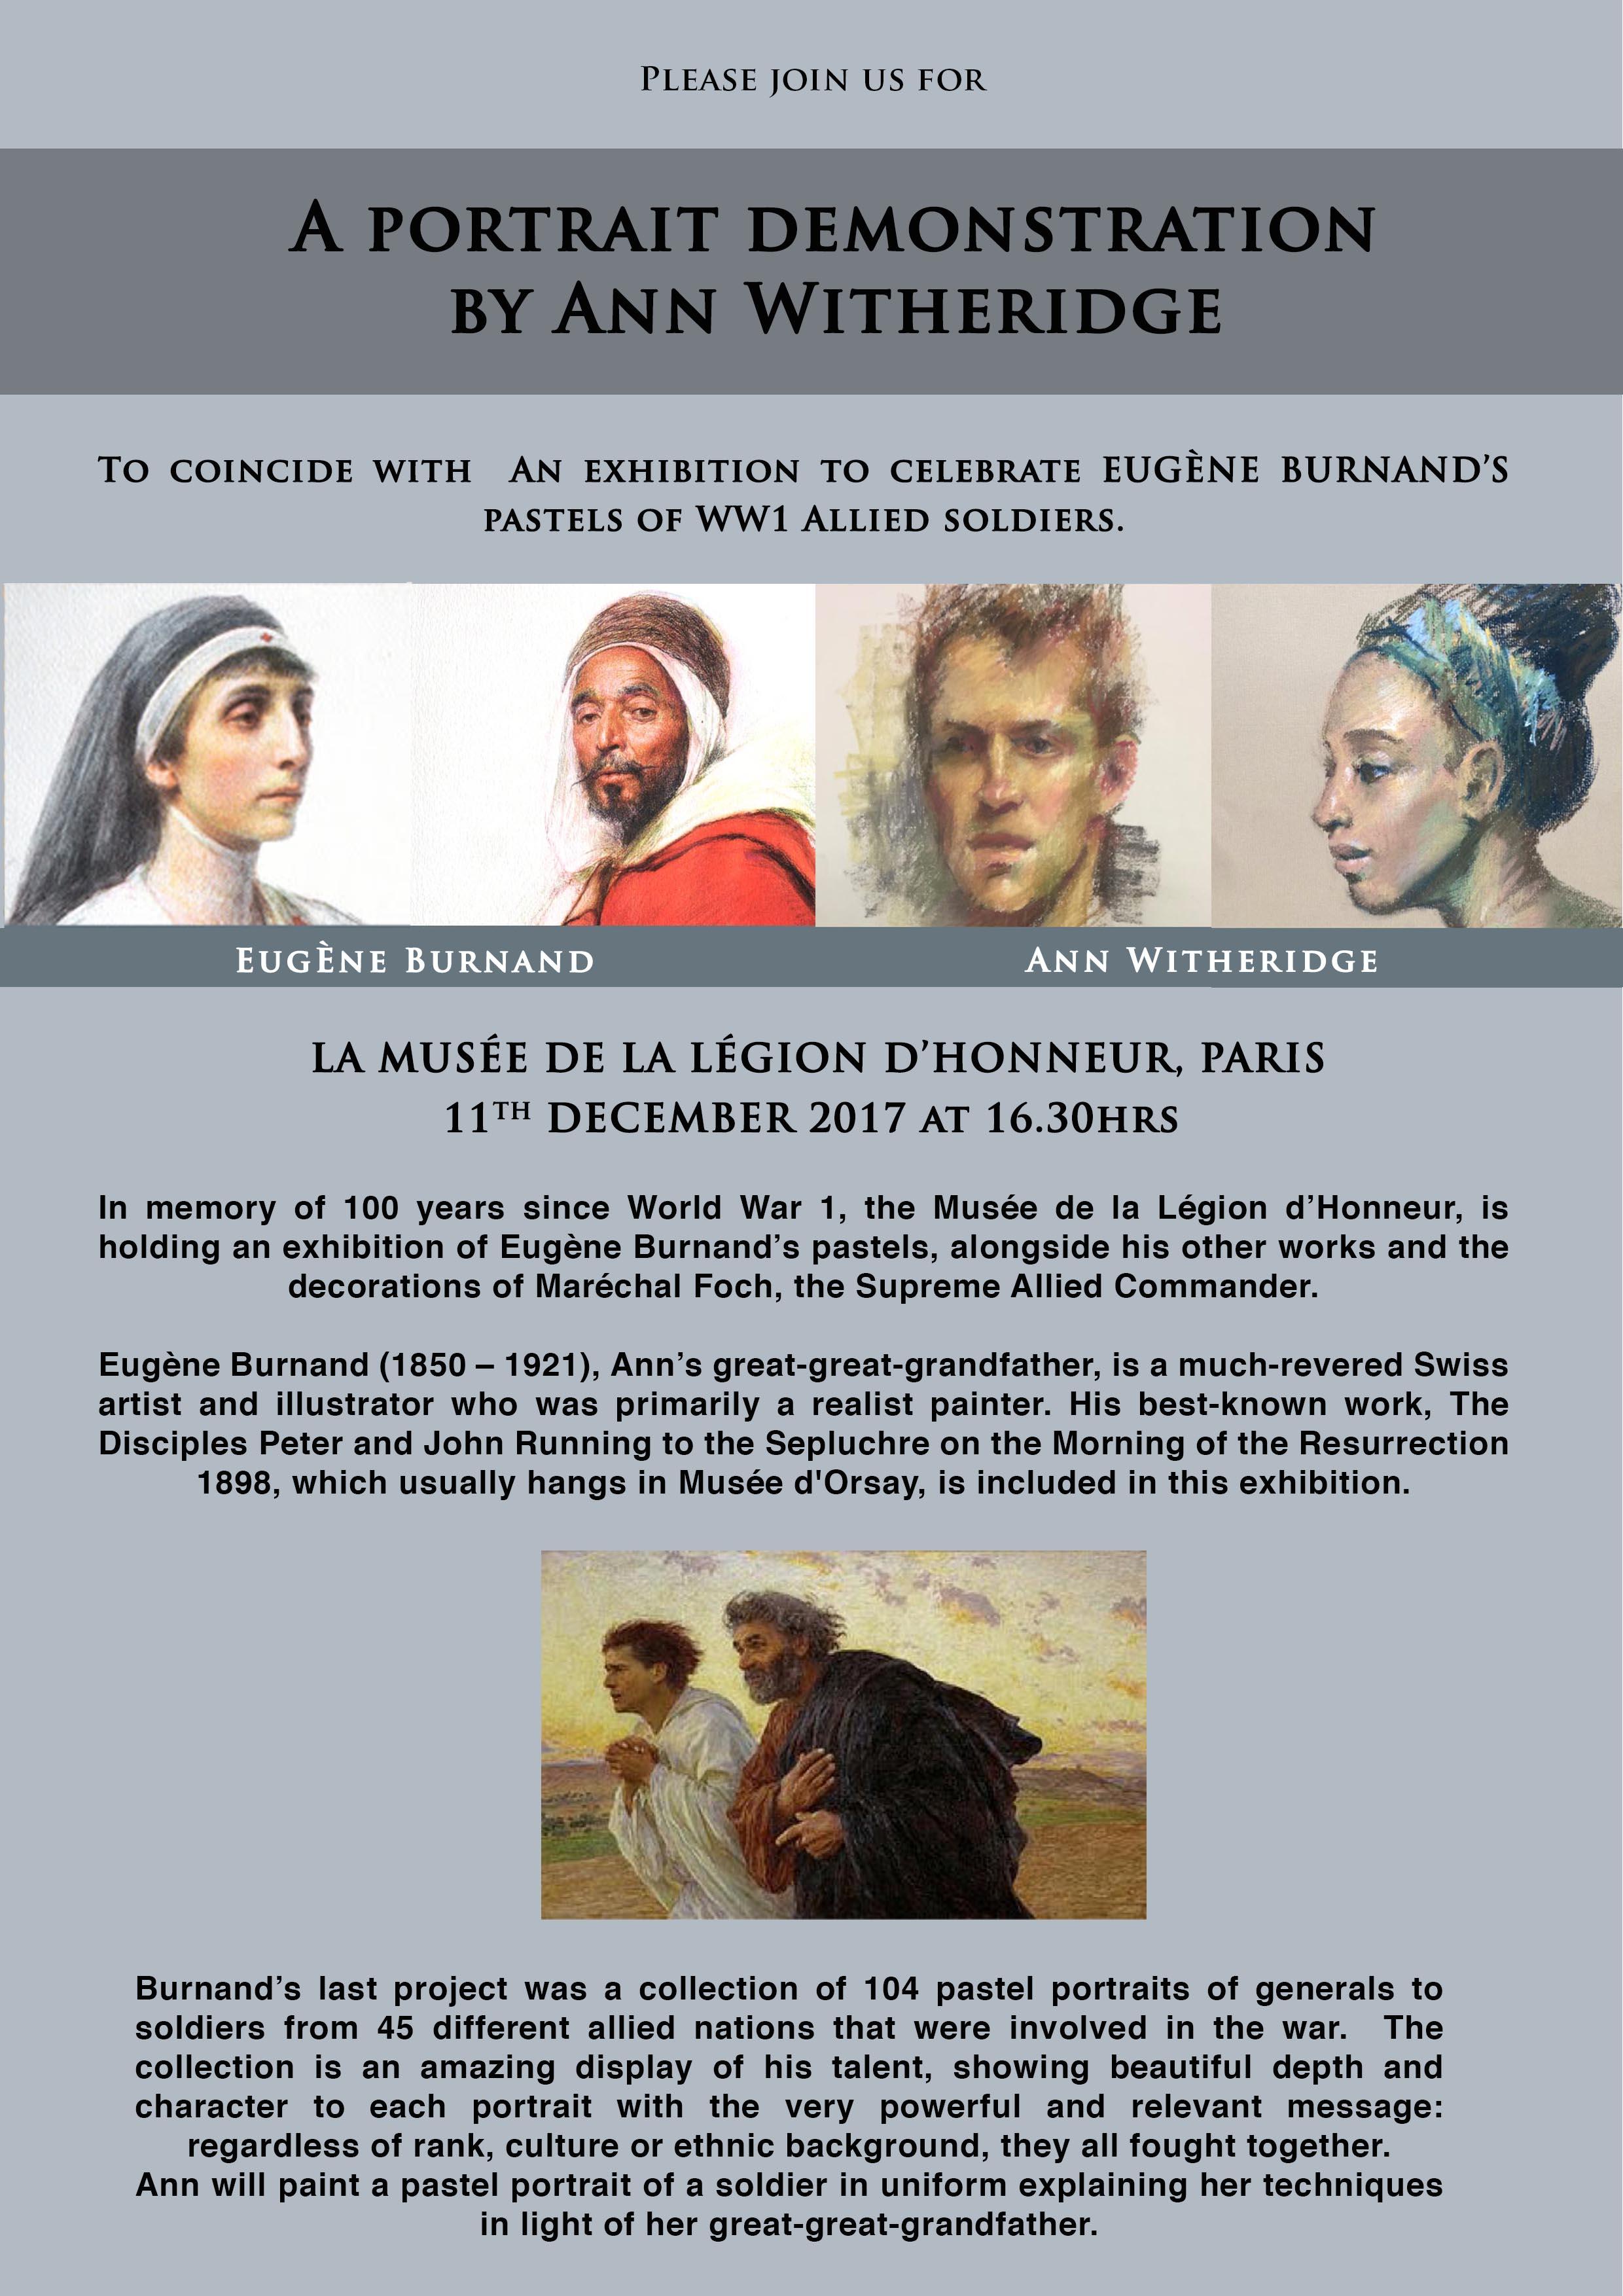 Ann Witheridge Demonstration at LA MUSEE DE LA LEGION D'HONNEUR, PARIS FRANCE